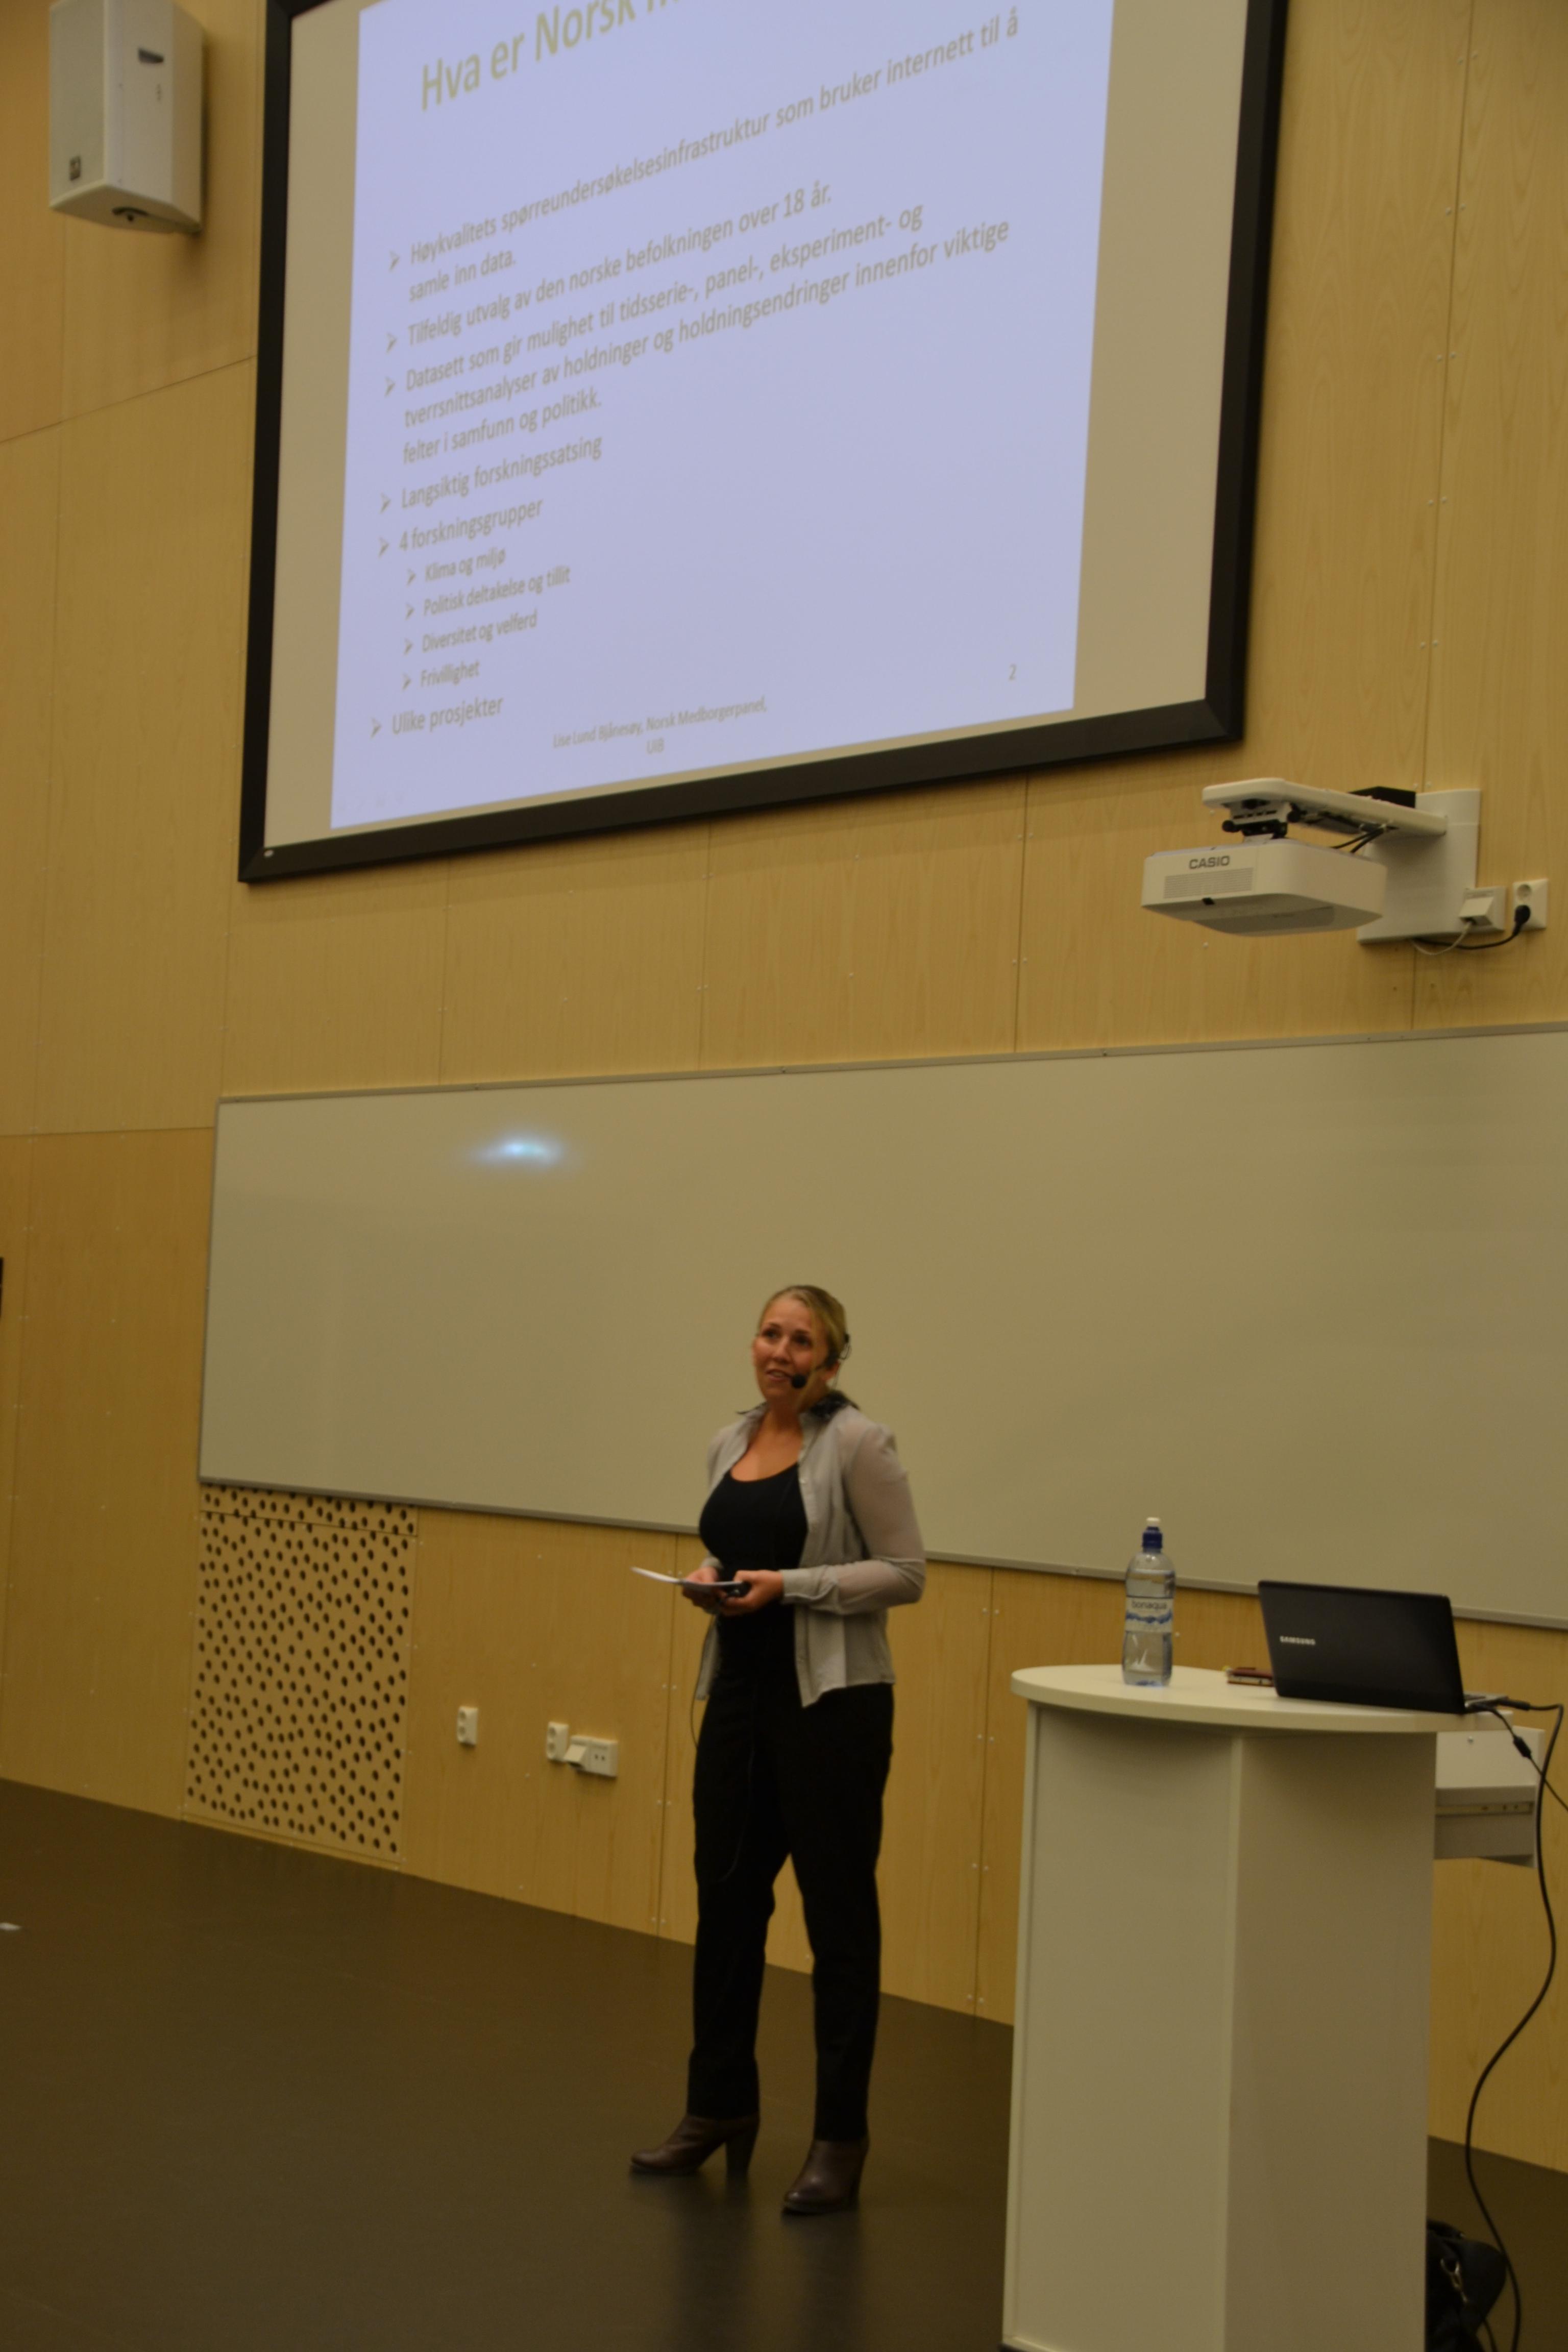 Lise Lund Bjånesøy presenterer Norsk medborgerpanel for 300 elever ved Amalie Skram videregående skole